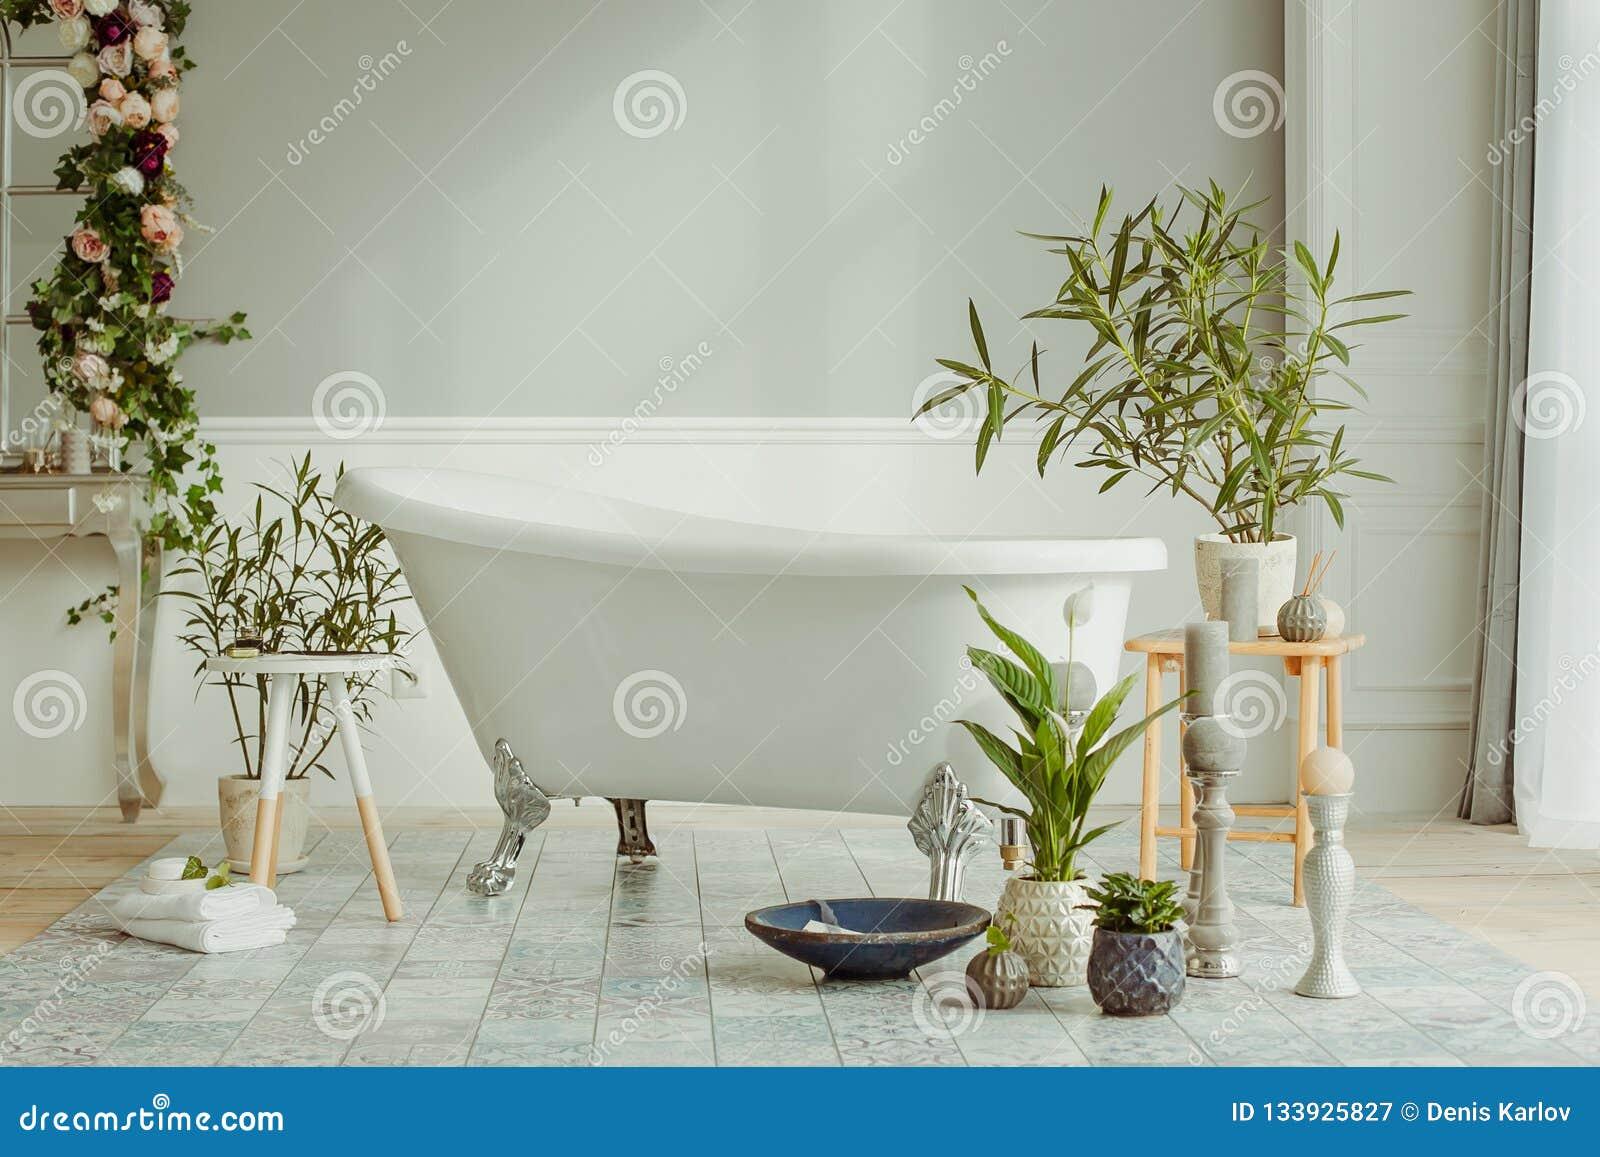 Opracowane do domu żywy wewnętrznego styl retro pokoju